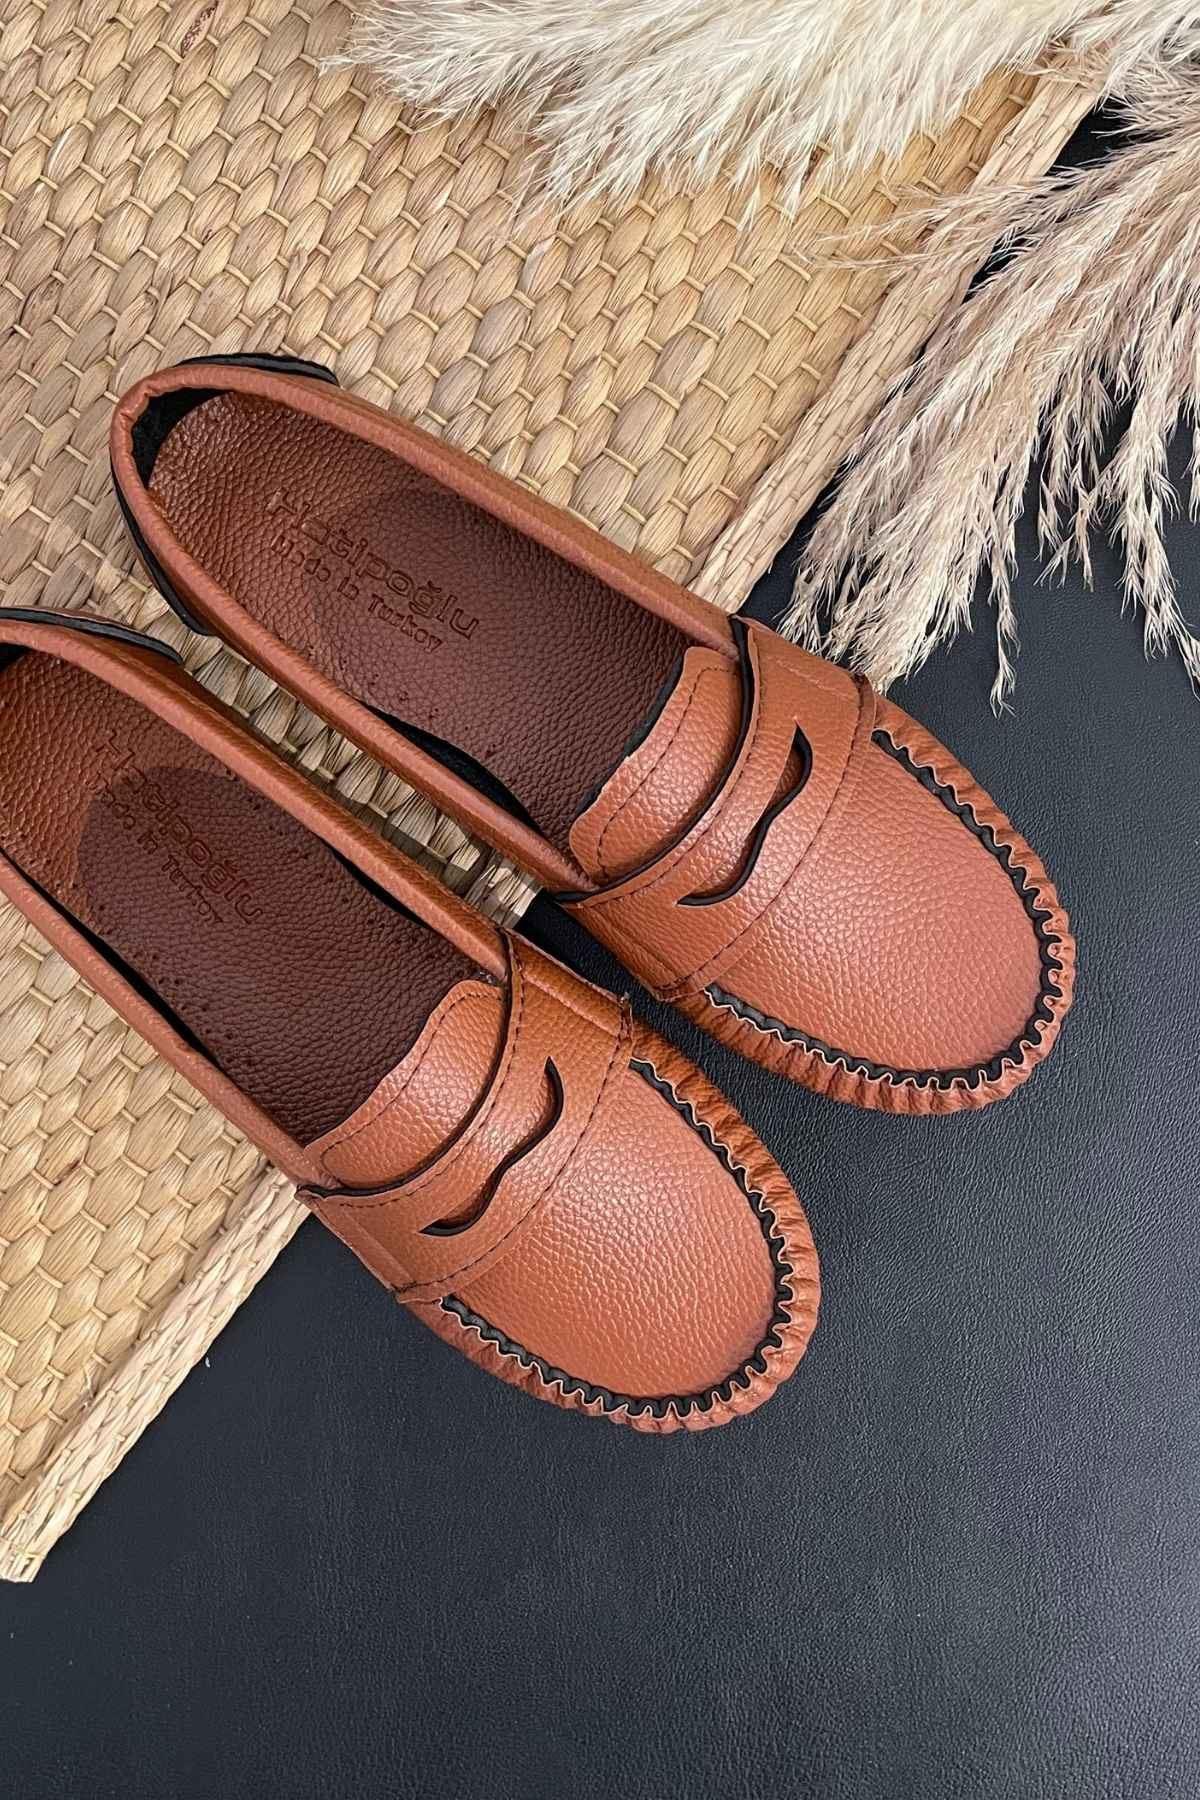 Sohe Taba Deri Mokasen Rok Babet Ayakkabı